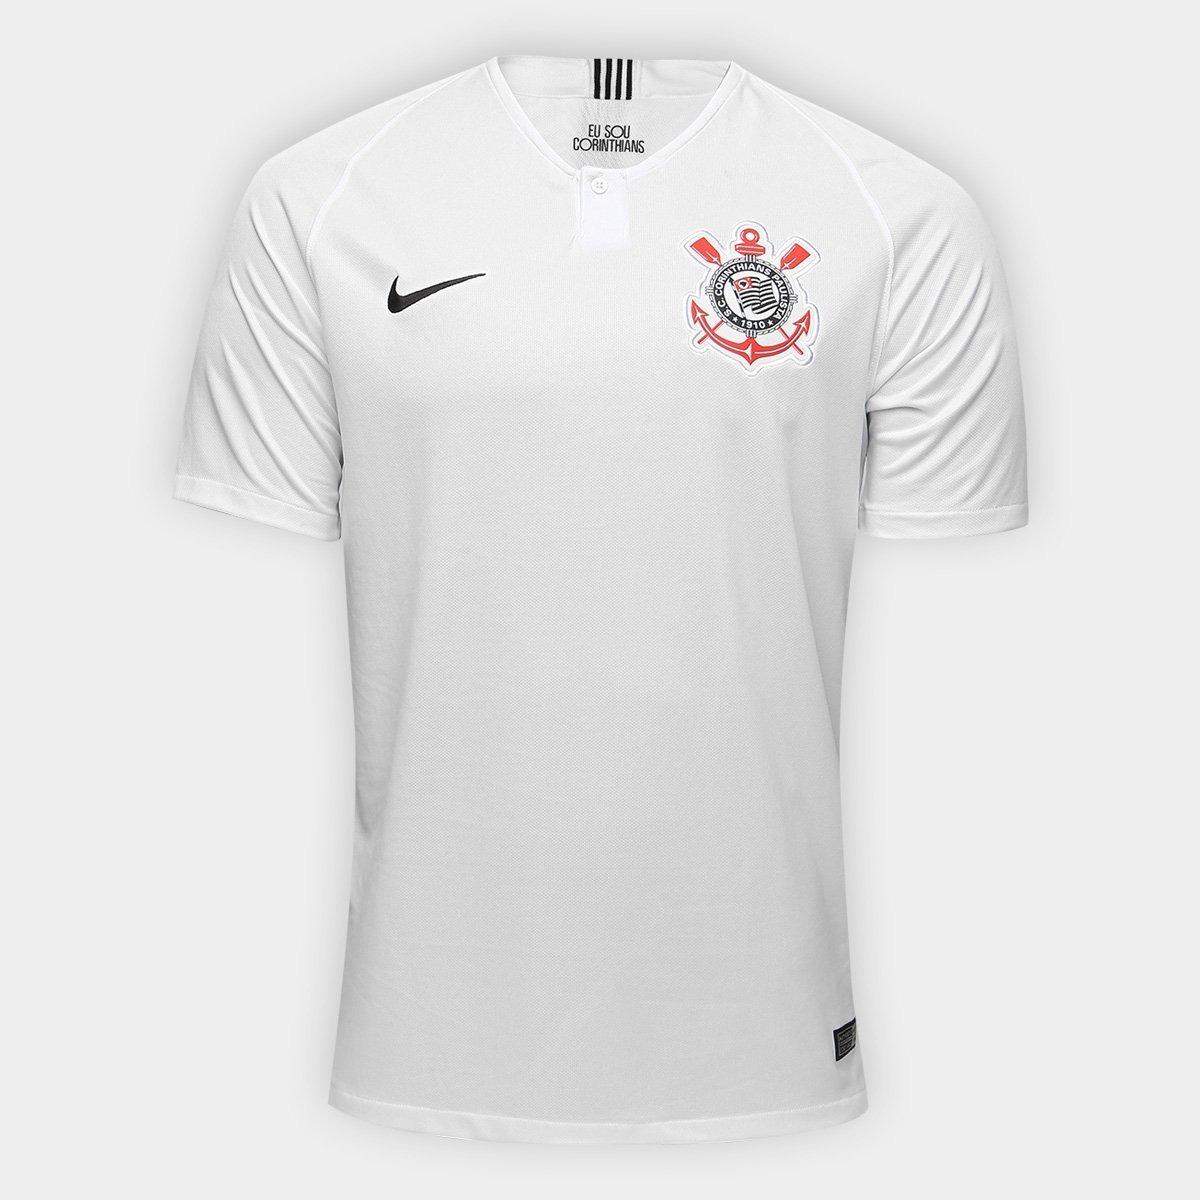 211191afa5 camisa camiseta corinthians uniforme 1 2018 2019 original. Carregando zoom.